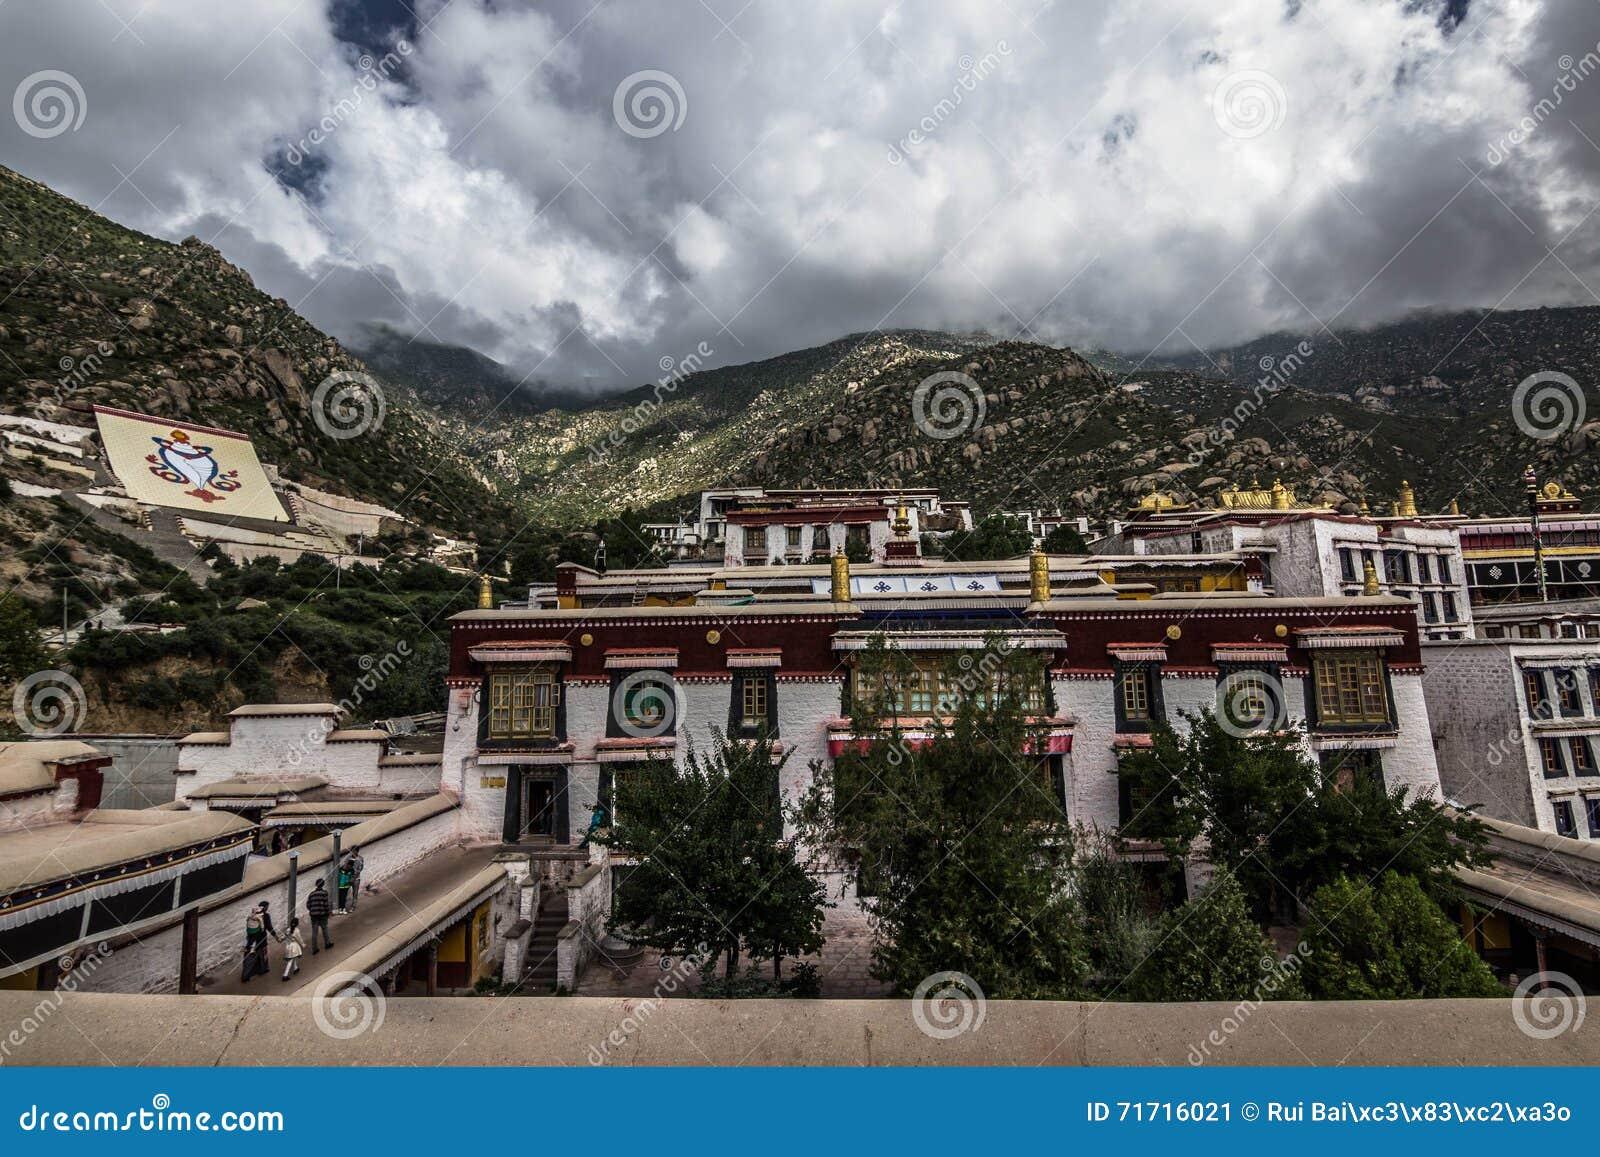 Drepung monaster blisko Lhasa, Tybet